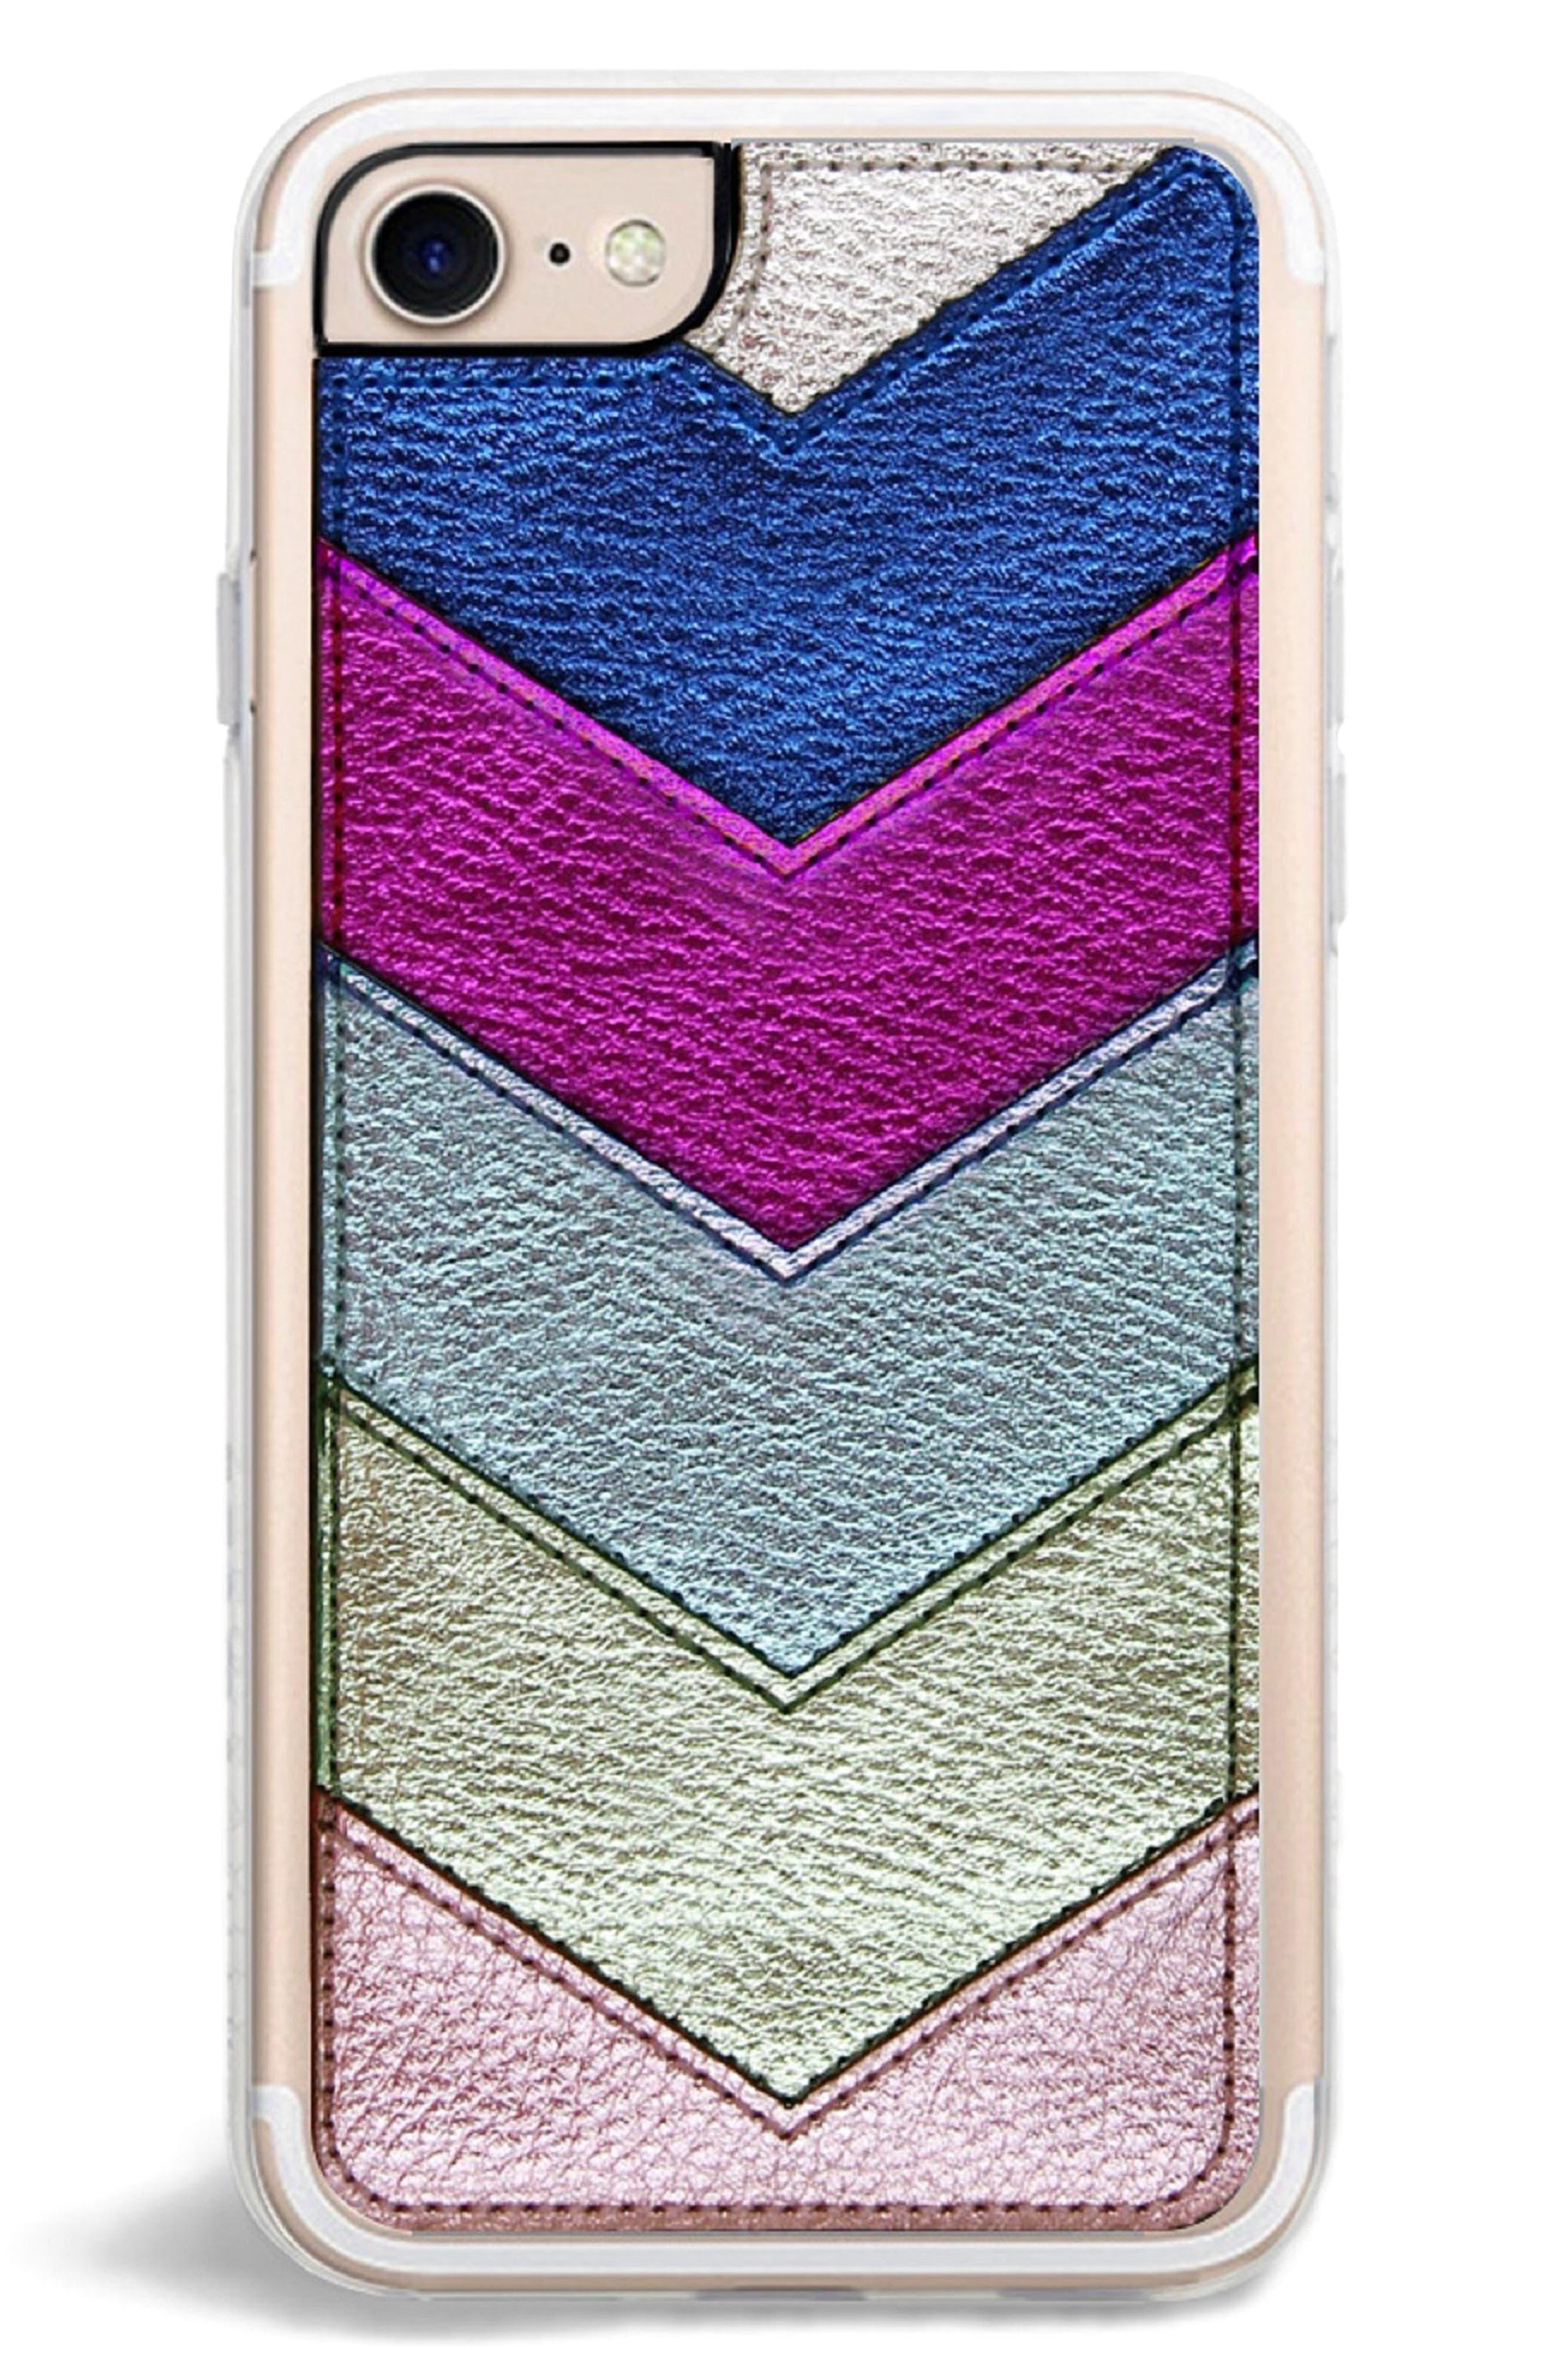 Chevron Faux Leather iPhone 6/6s/7/8 & 6/6s/7/8 Plus Case,                             Main thumbnail 1, color,                             650